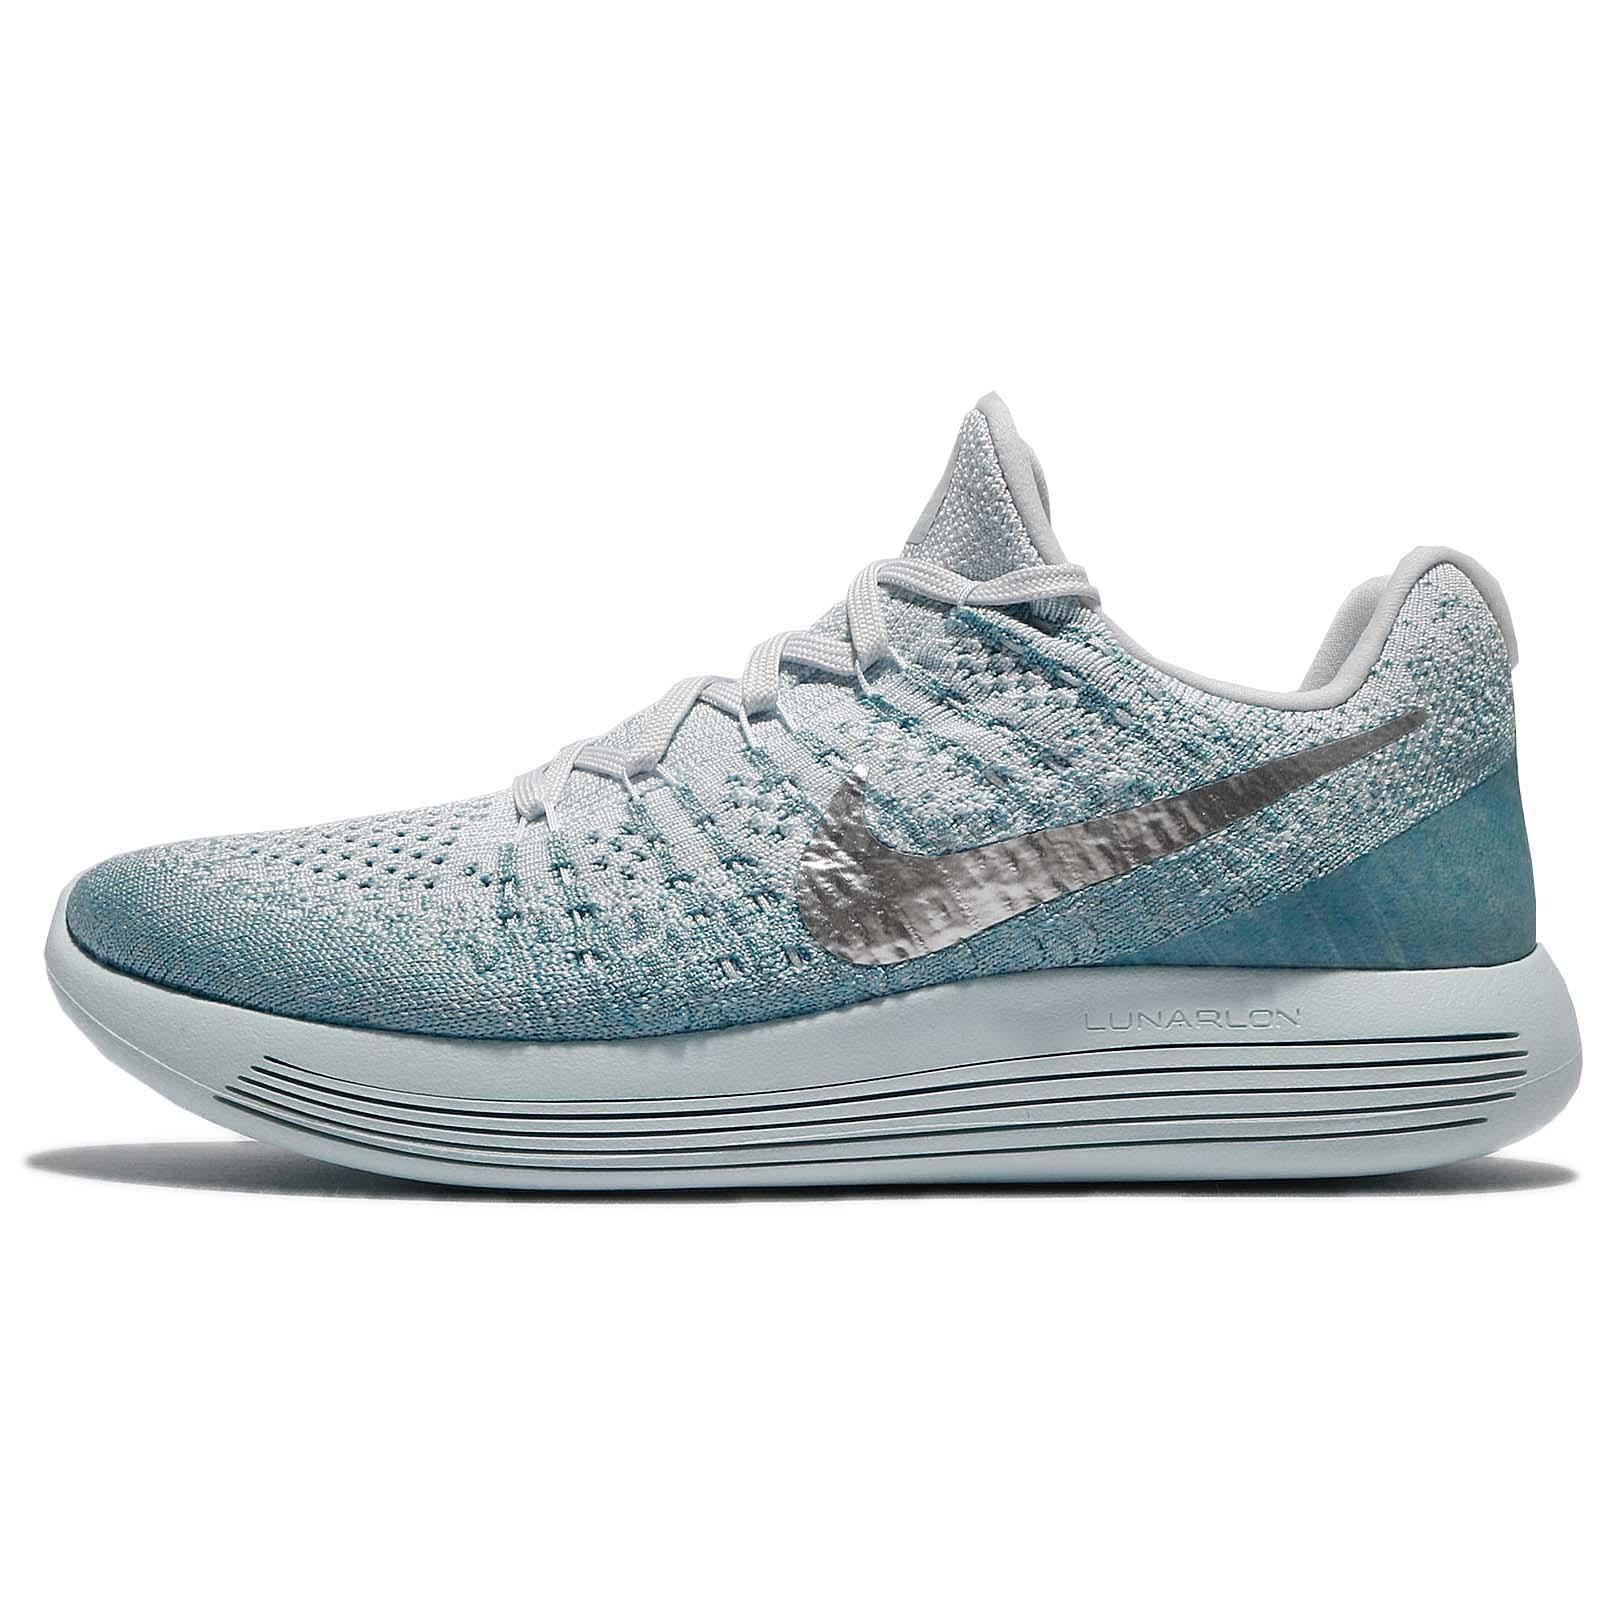 84bee55000c4 ... order nike wmns lunarepic low flyknit 2 ii glacier blue silver women  shoes 863780 405 b1a01